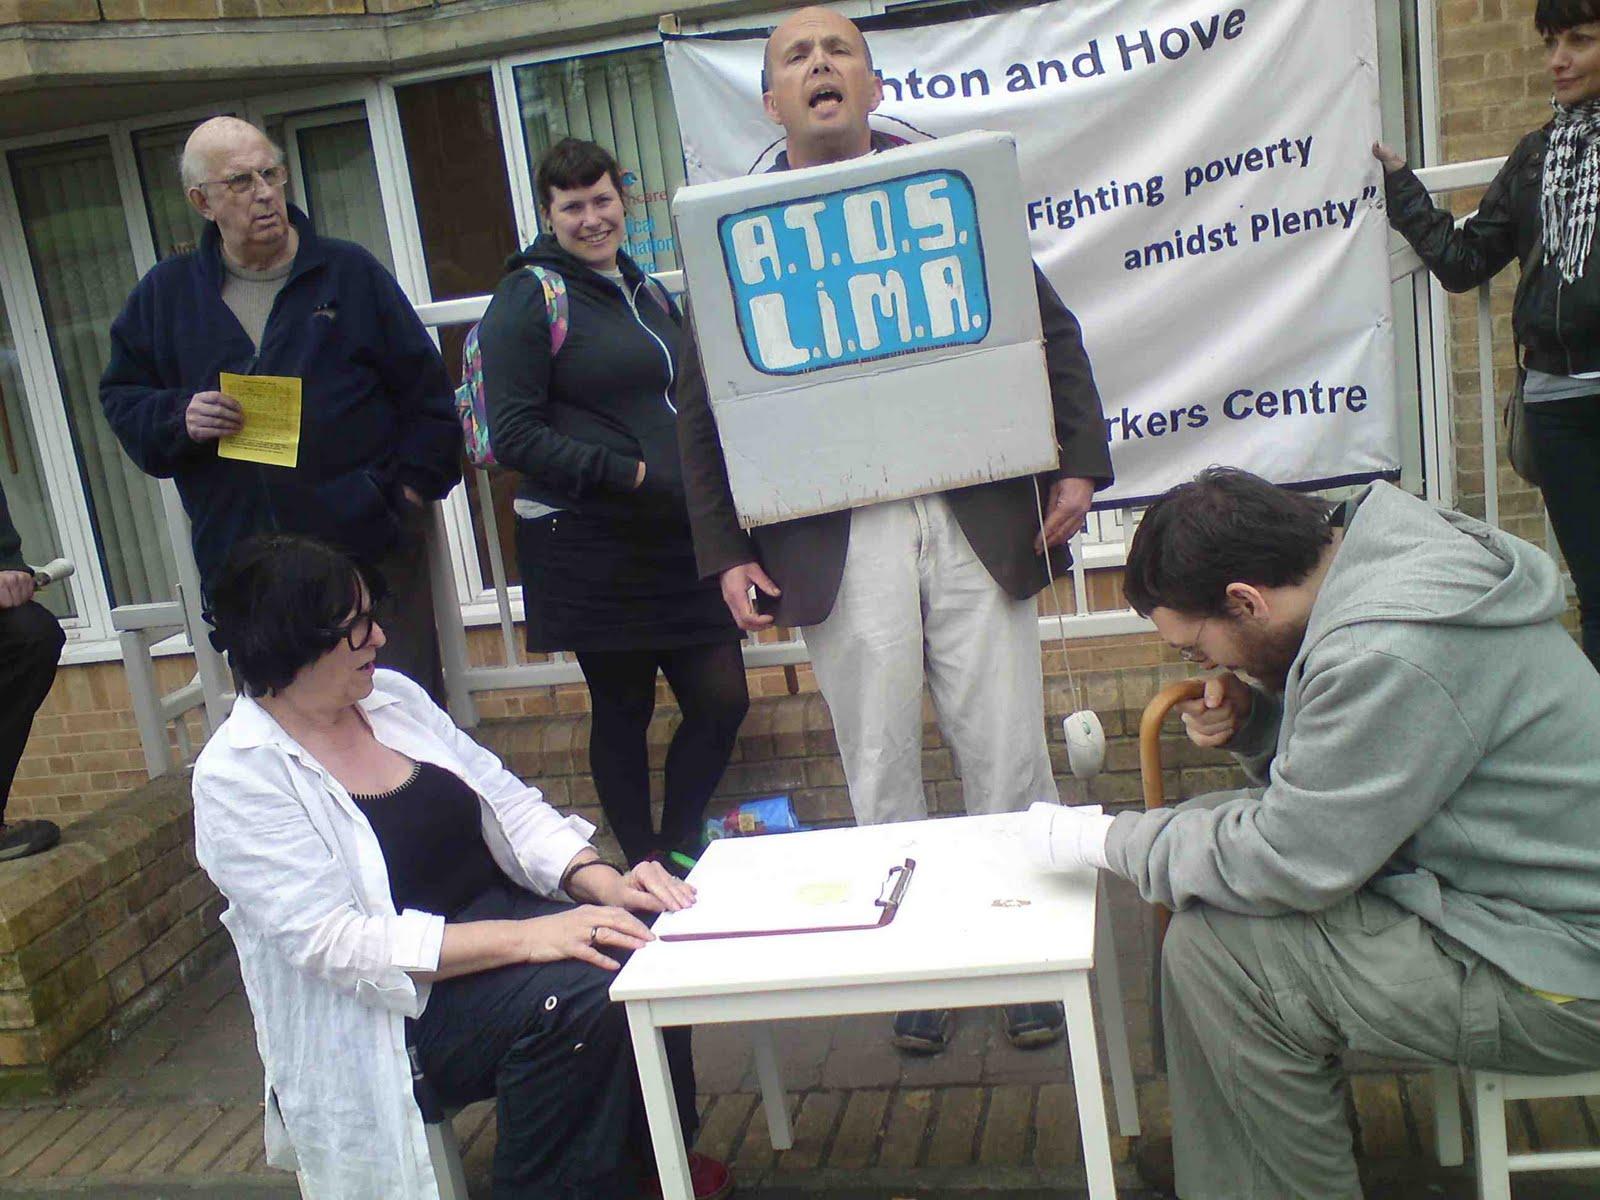 Tony Greenstein Blog: Tony Greenstein's Blog: Brighton Demonstration Protests